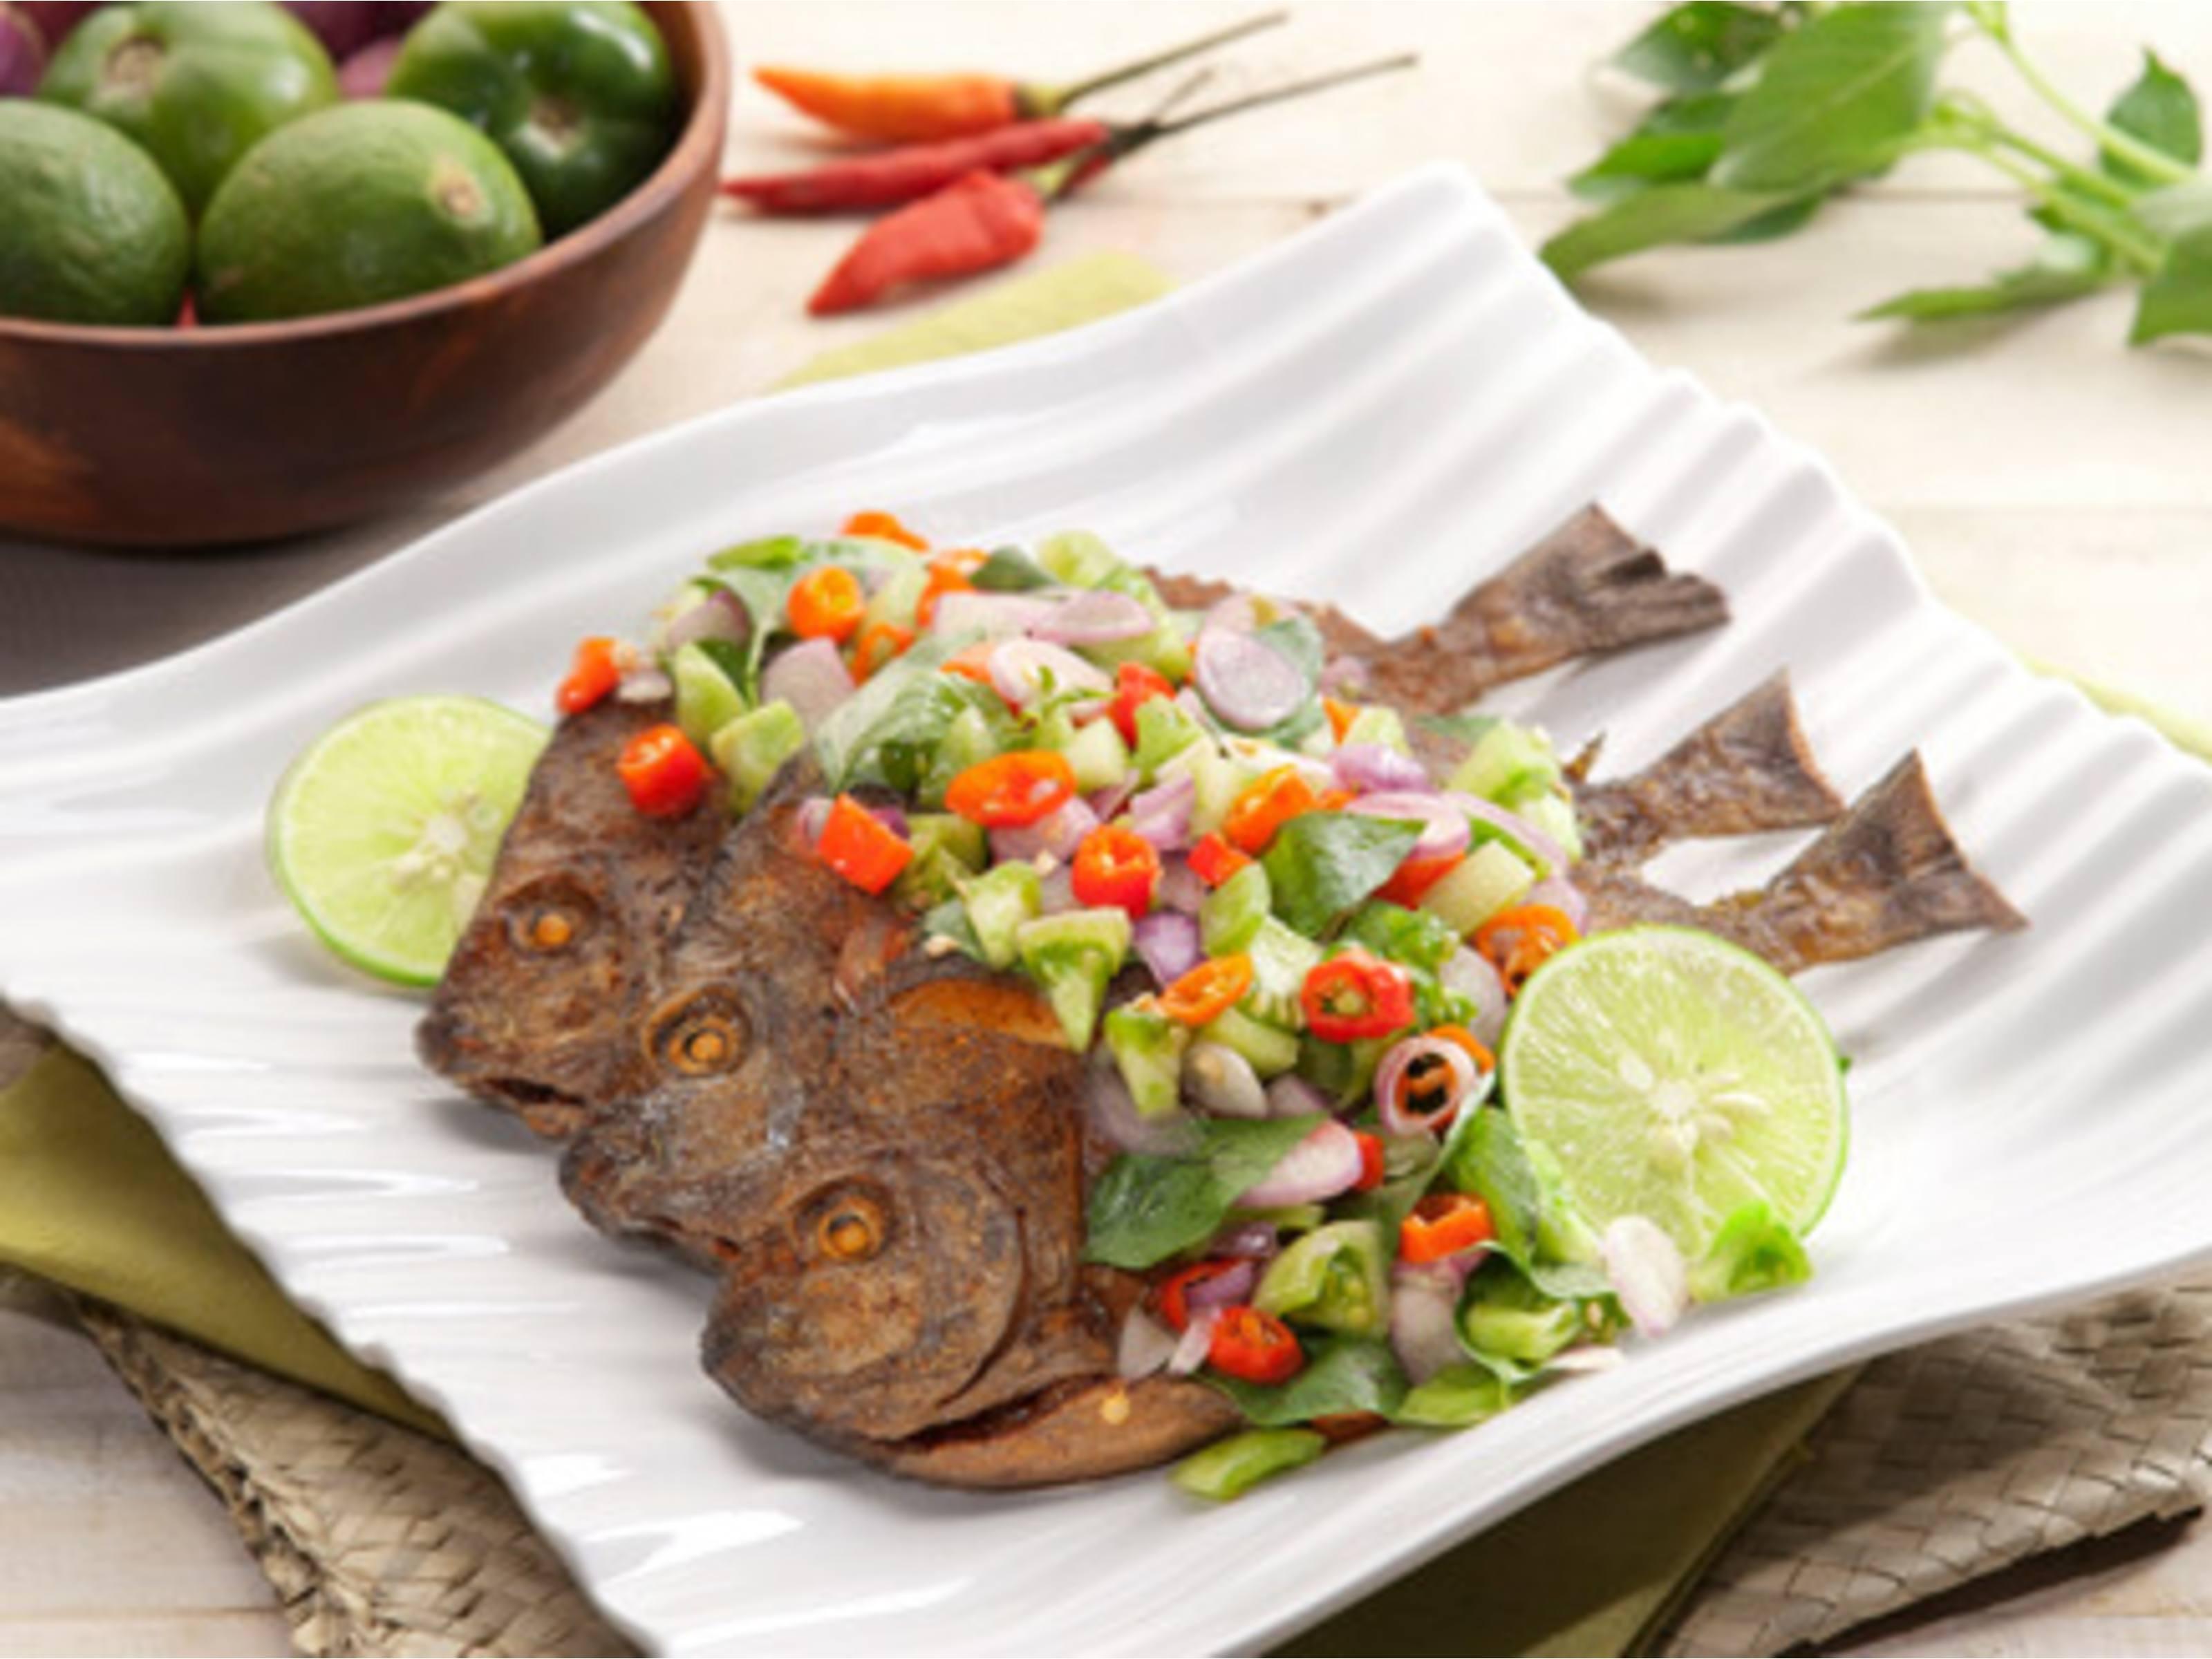 resep masakan ikan laut pedas manis resep manis masakan indonesia Resepi Ikan Siakap Berkuah Enak dan Mudah